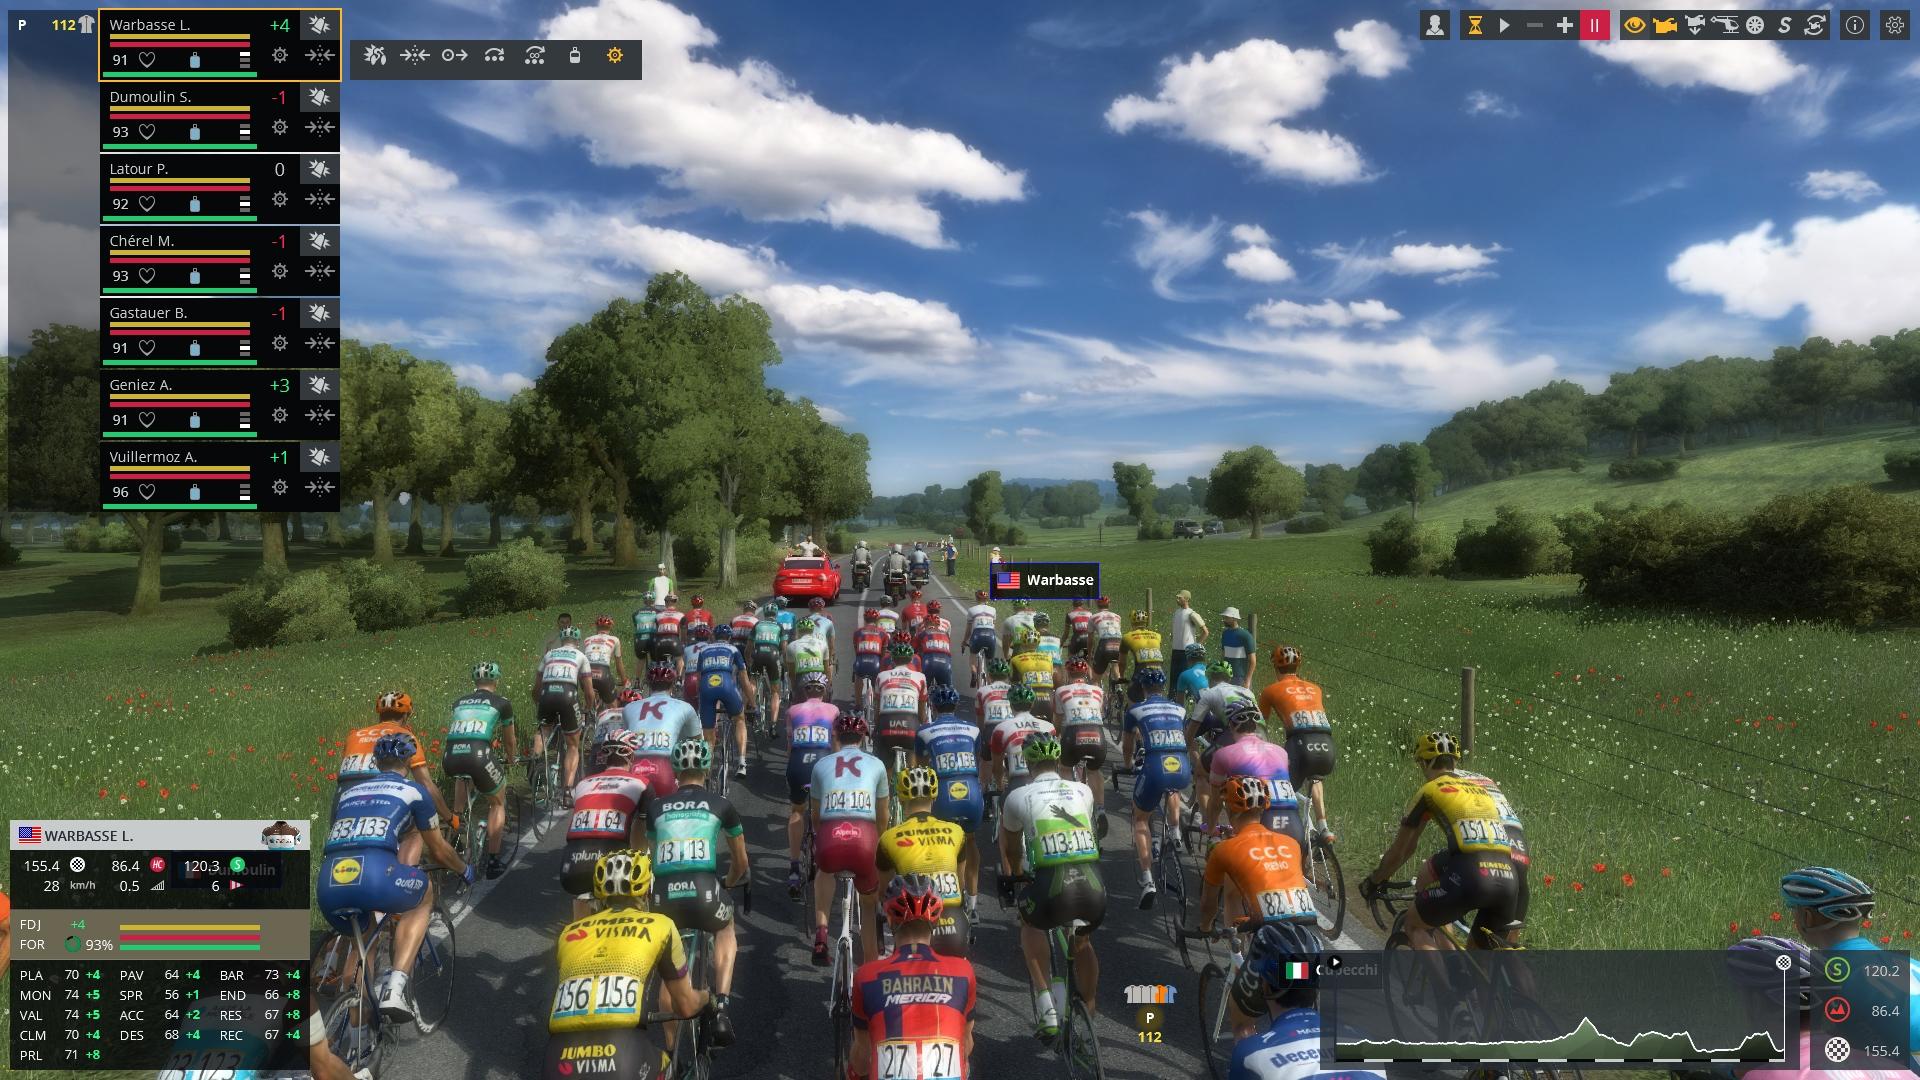 Скриншот Pro Cycling Manager 2019 v1.0.2.3 + WorldDB Mod v0.2 скачать торрент бесплатно